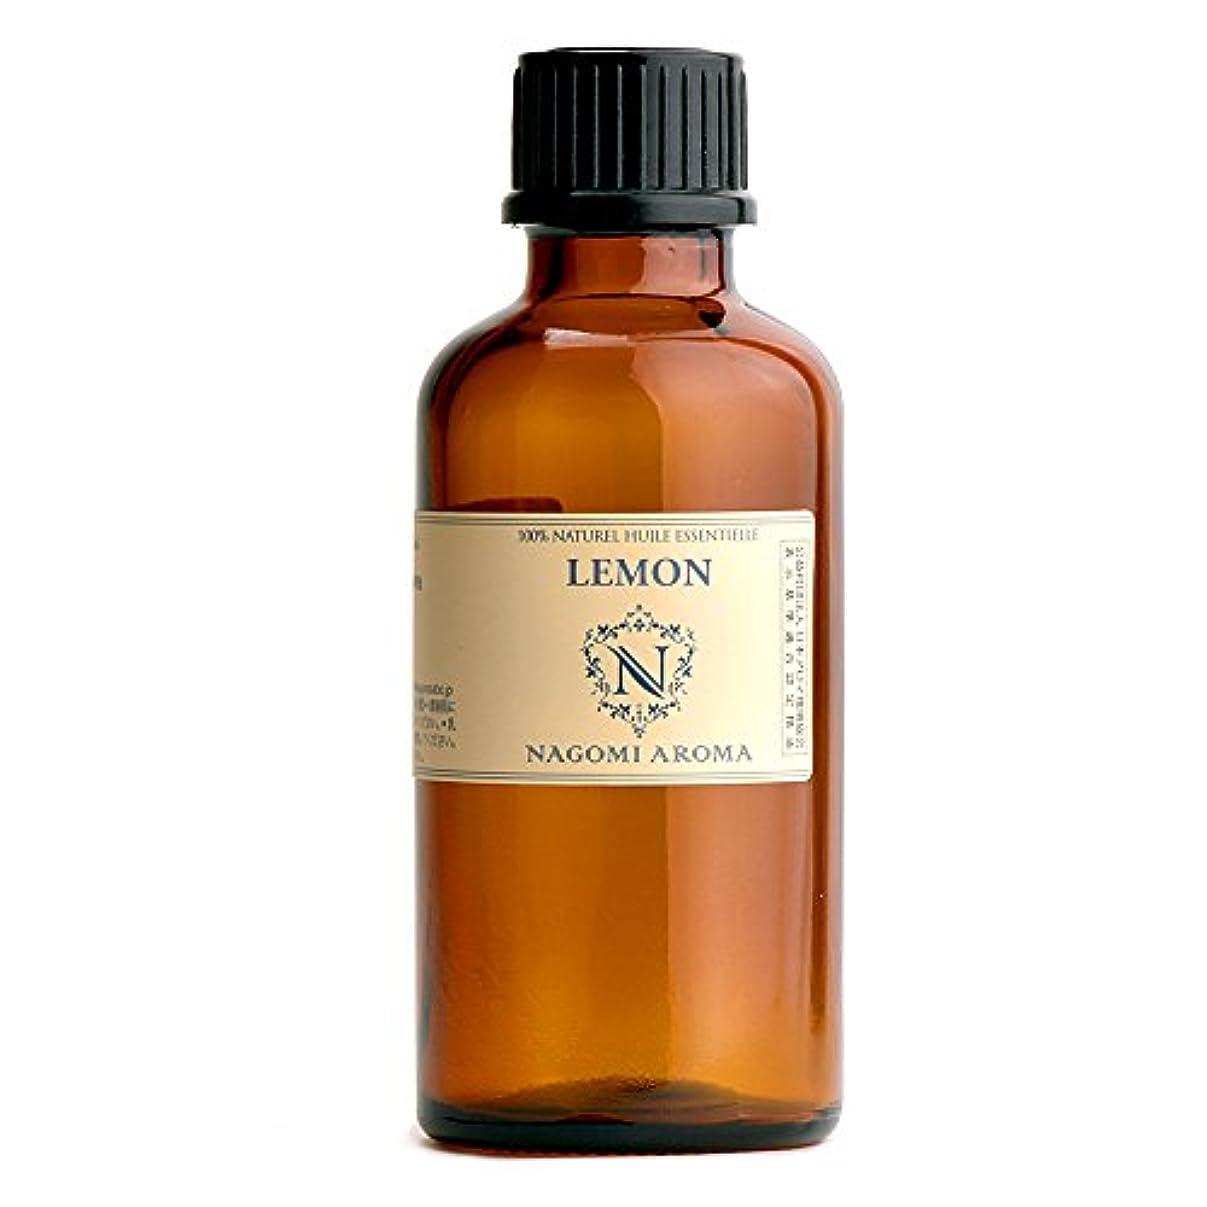 支出立法連鎖NAGOMI AROMA レモン 50ml 【AEAJ認定精油】【アロマオイル】